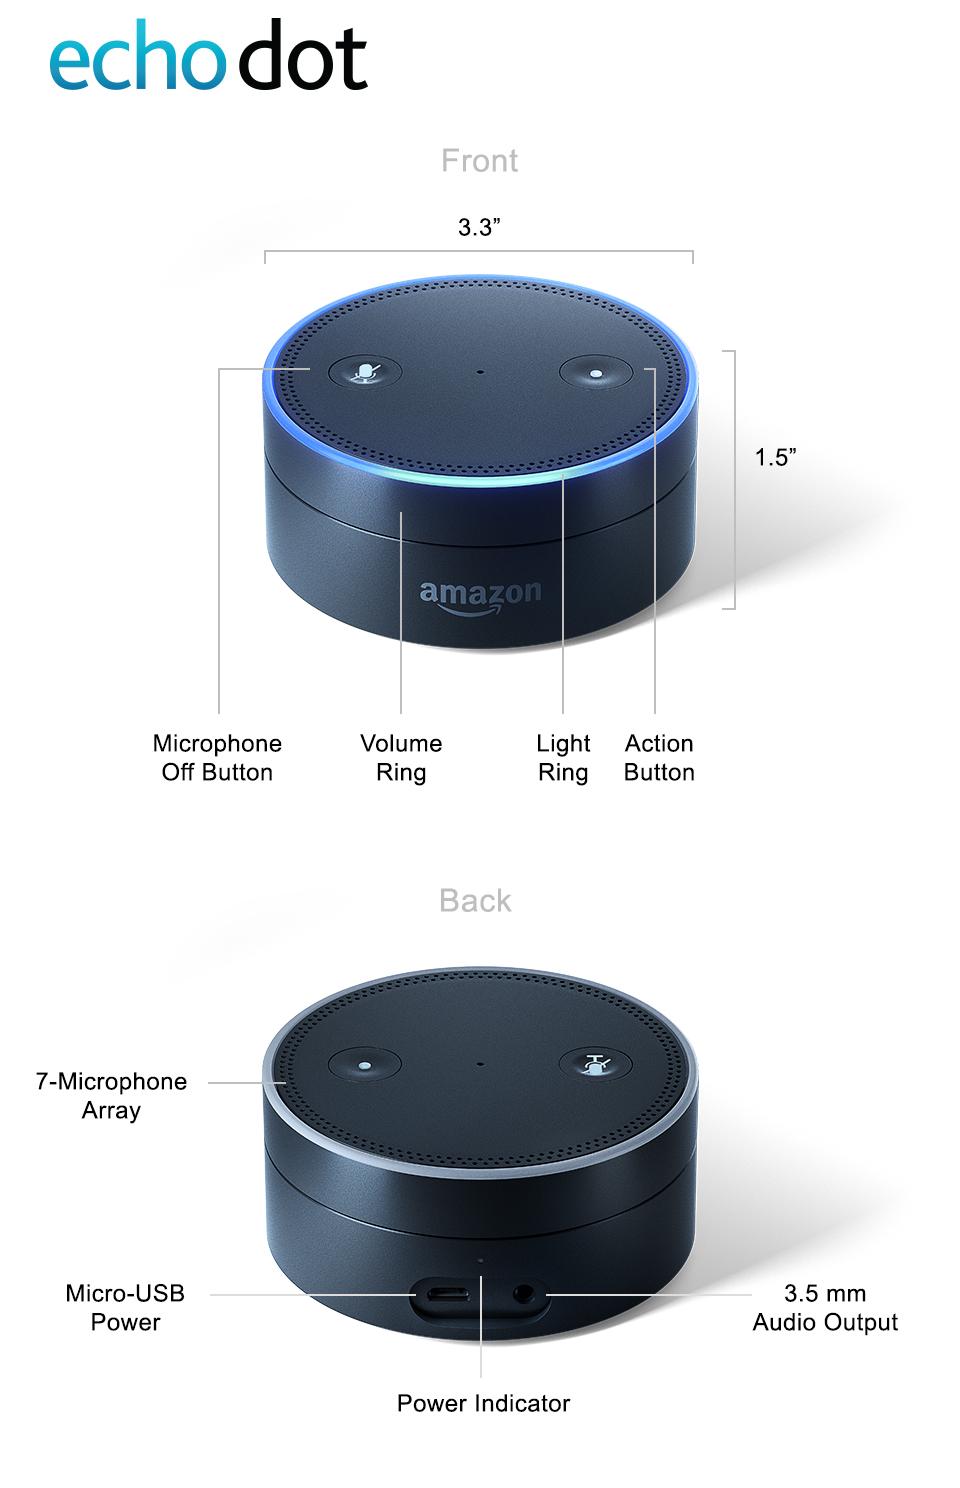 amazon-echo-dot-feature-technicaldetails-v3